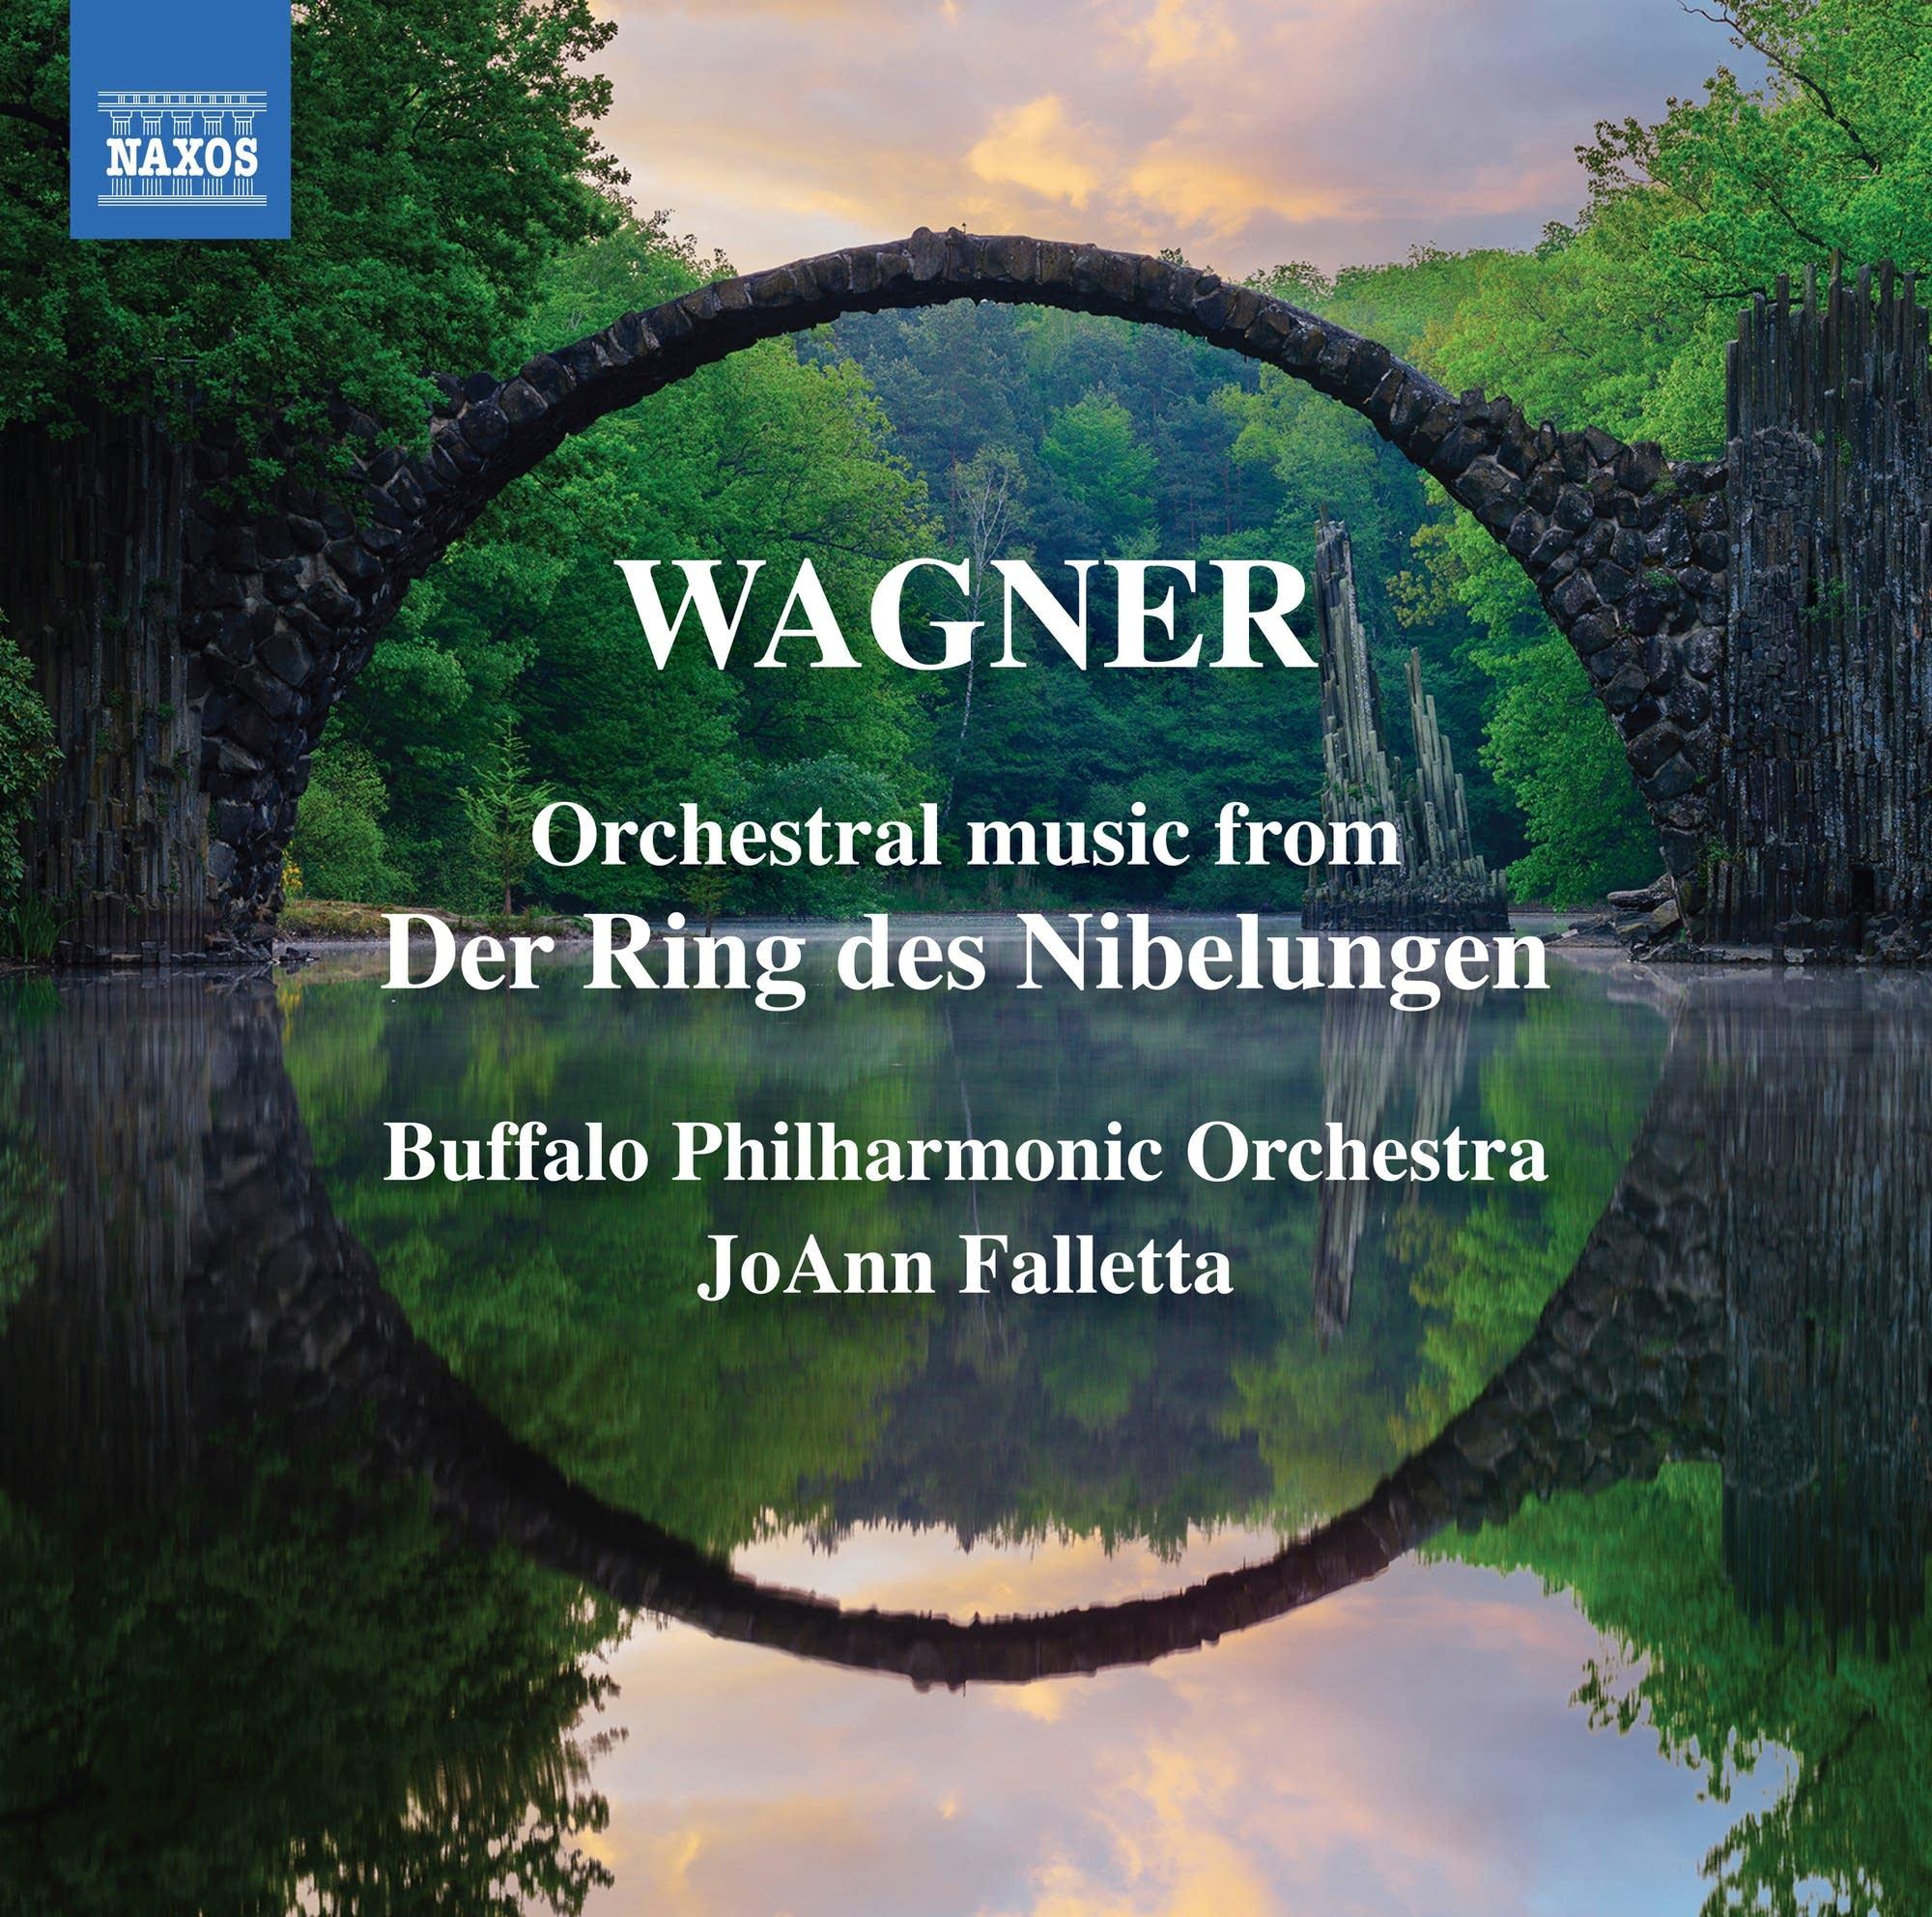 Richard Wagner - Gotterdammerung: Immolation Scene